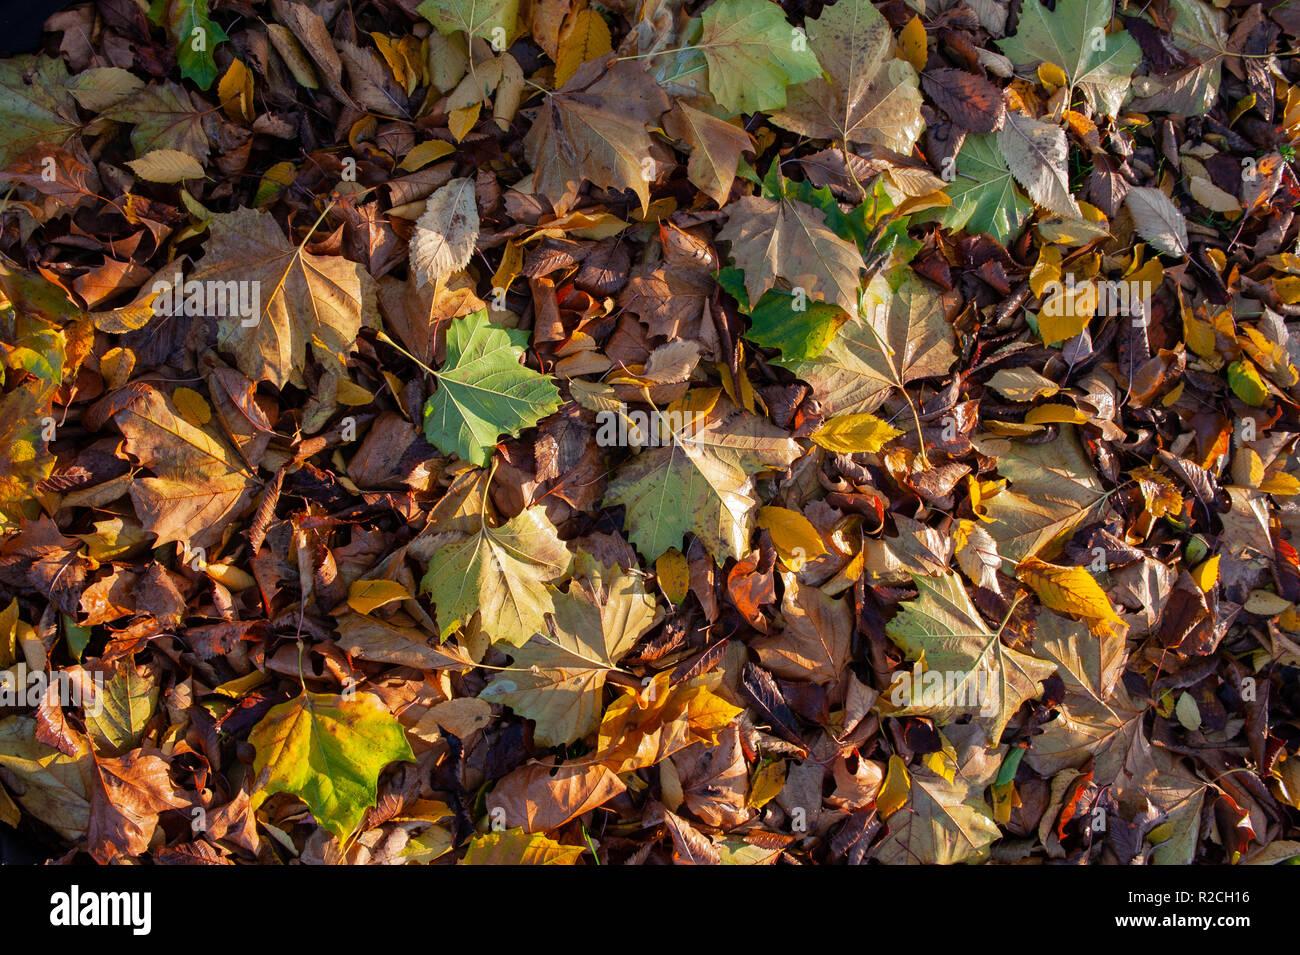 Autumn leaf carpet - Stock Image